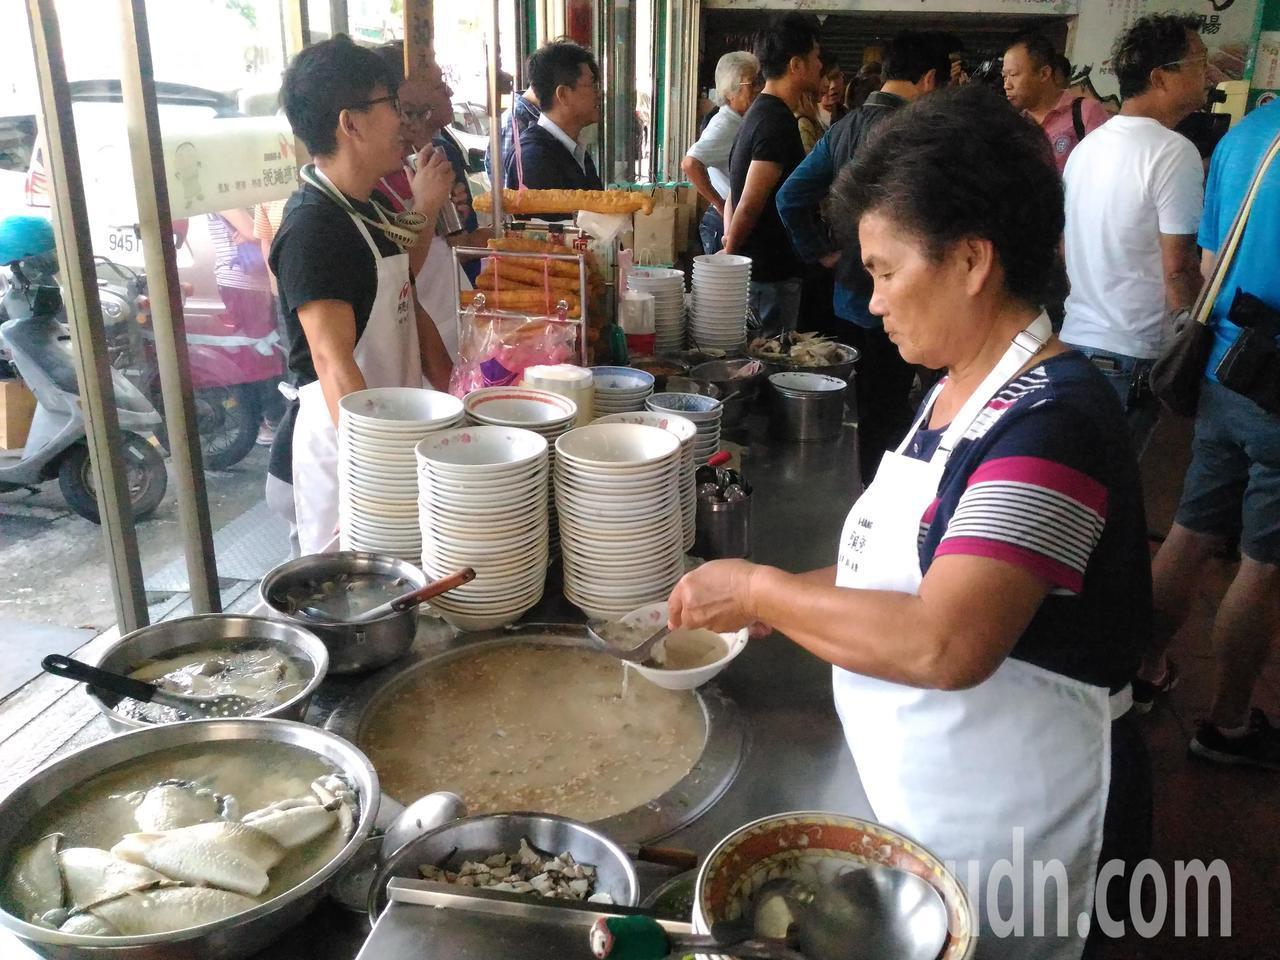 古早味半粥料理,是將生米煮成透明狀撈起,加入高湯和新鮮的虱目魚肉塊與蚵仔,成為美...